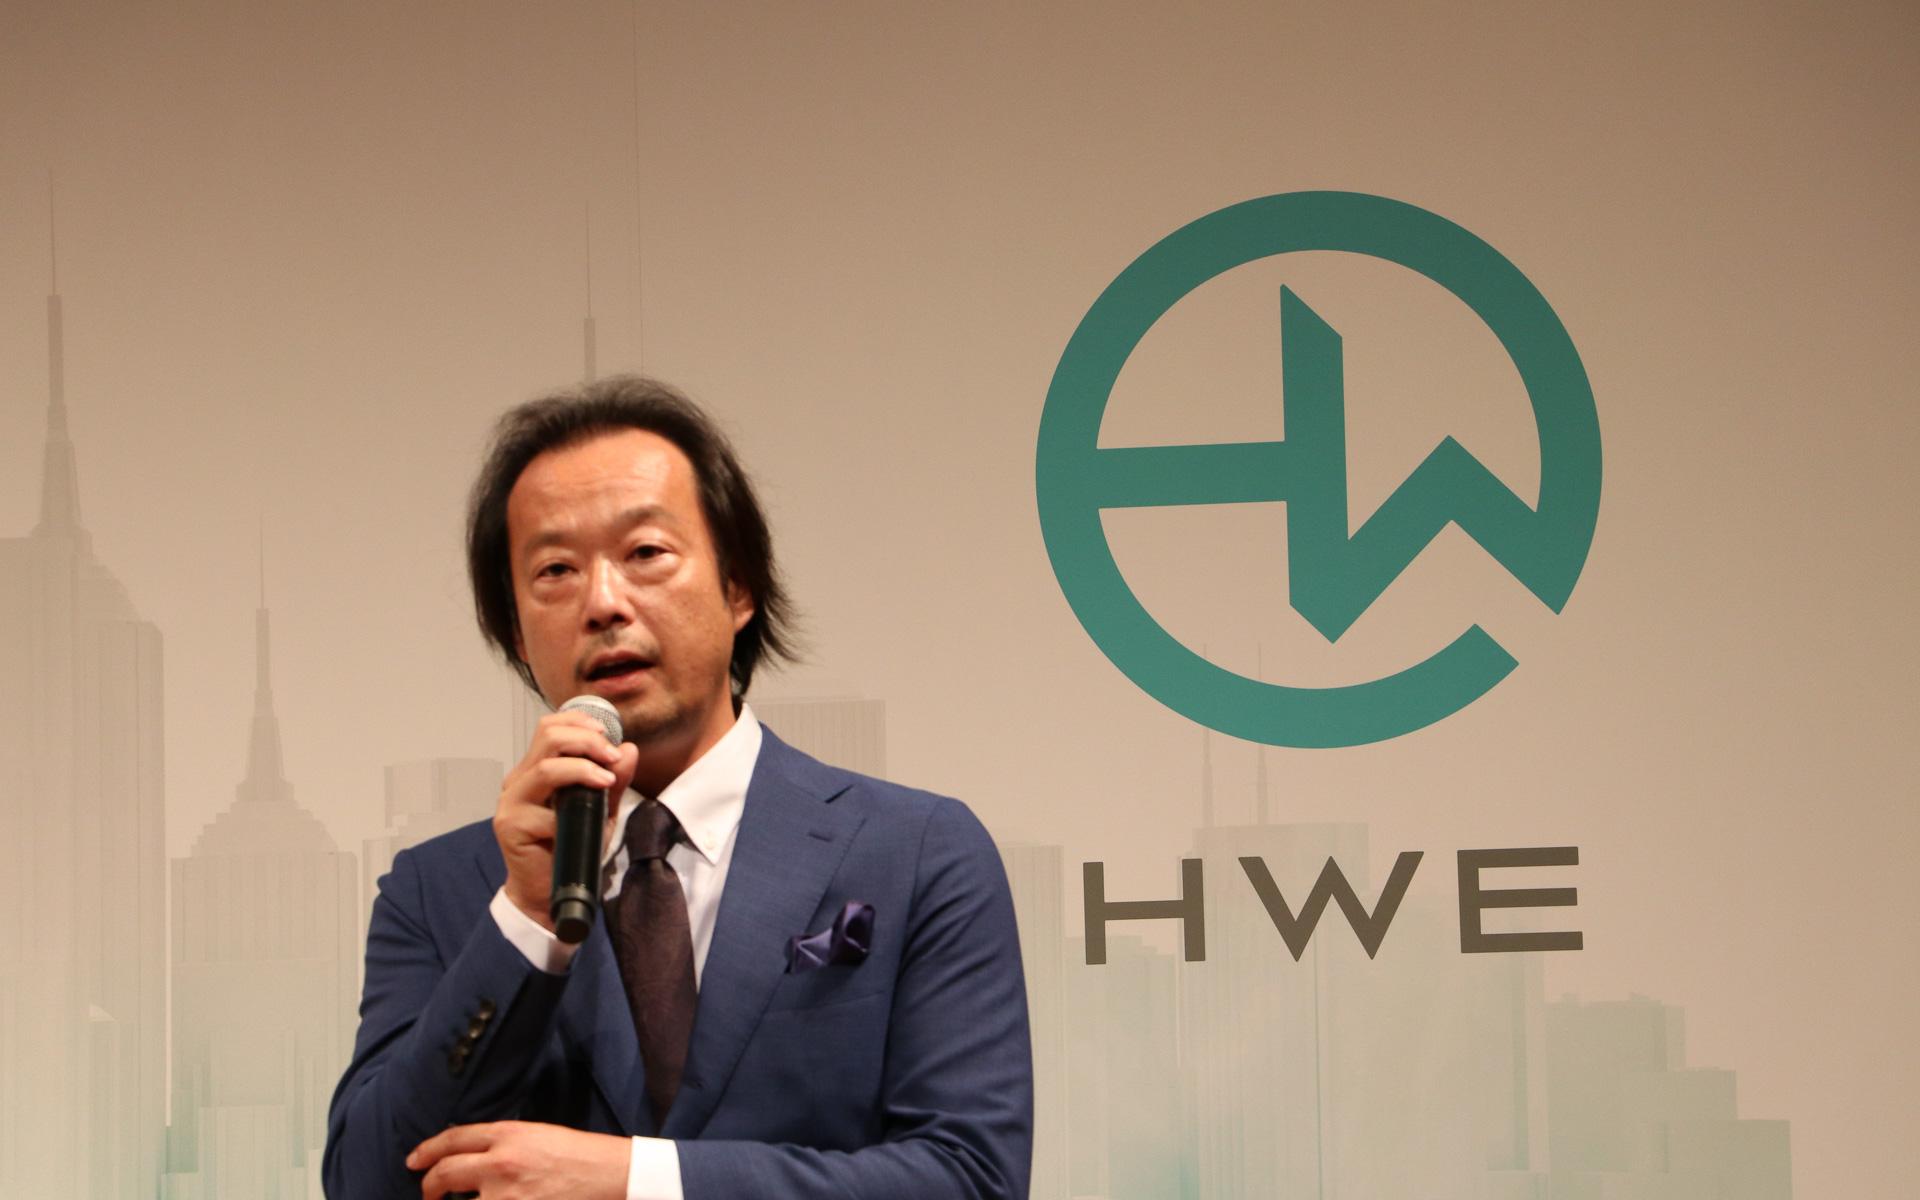 HW ELECTRO株式会社 常務執行役員/経営企画本部 高橋智行氏